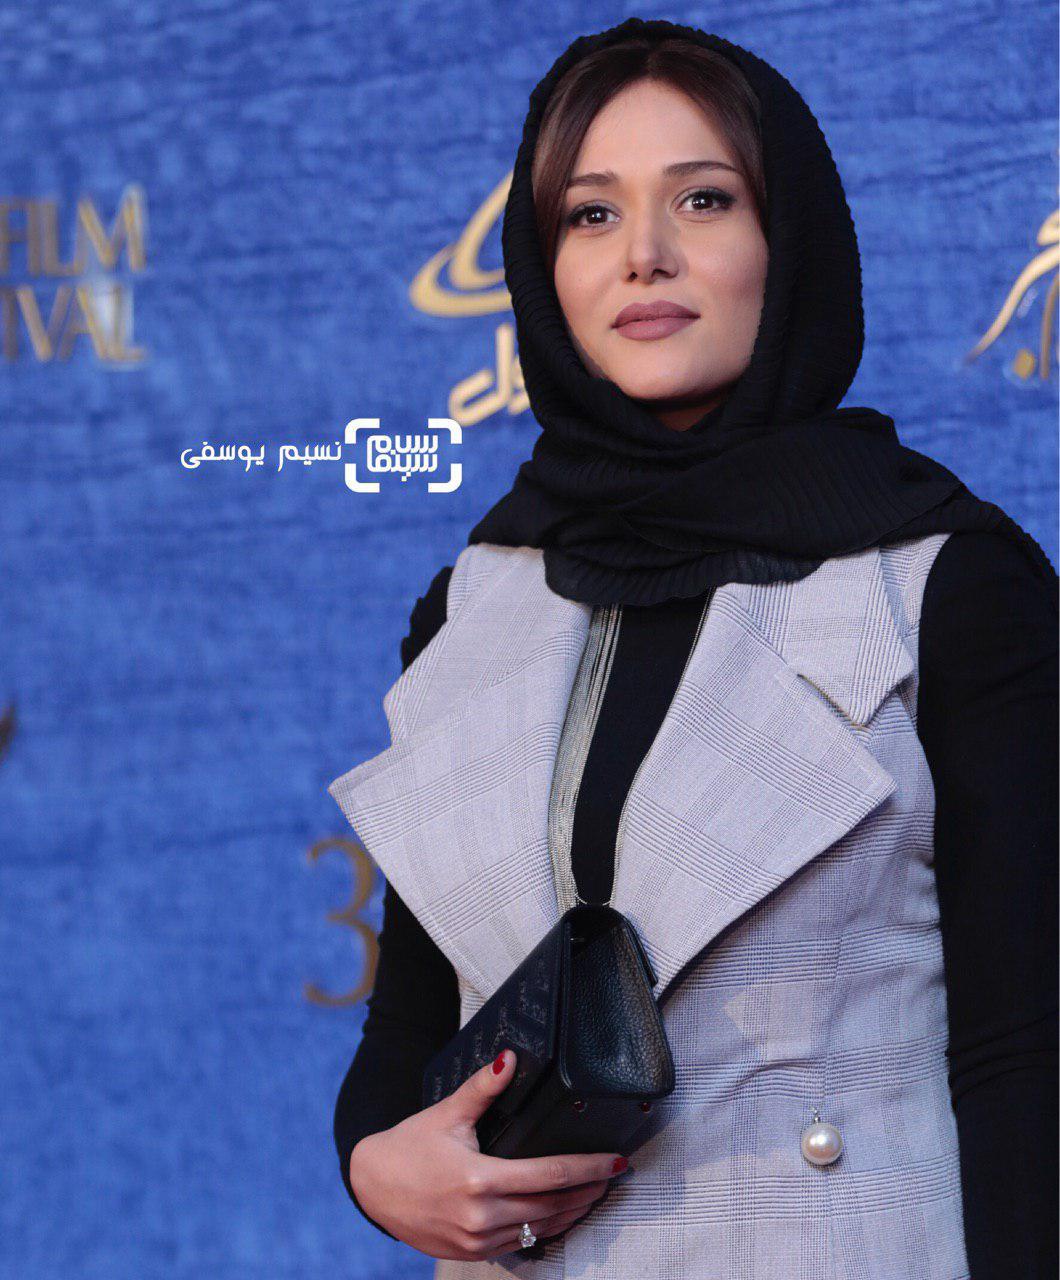 پریناز ایزدیار گزارش تصویری اکران و نشست «متری شیش و نیم»/جشنواره فجر 37